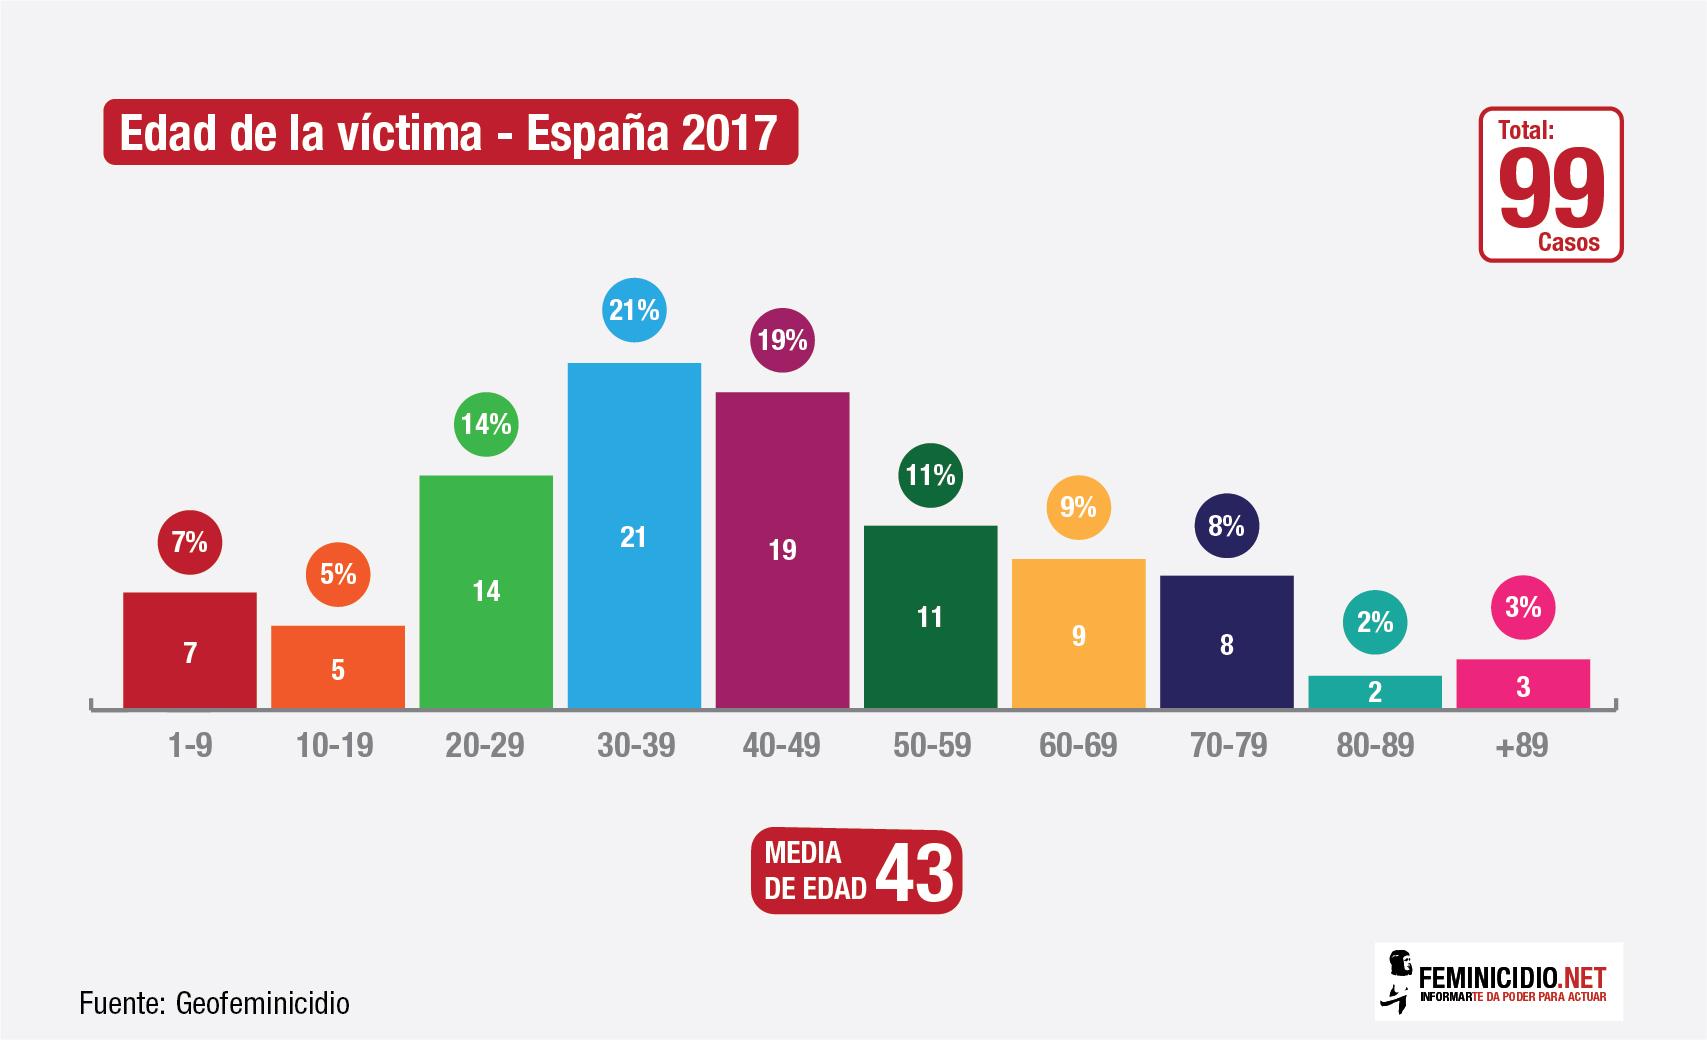 6 – Edad_victima_2017-01